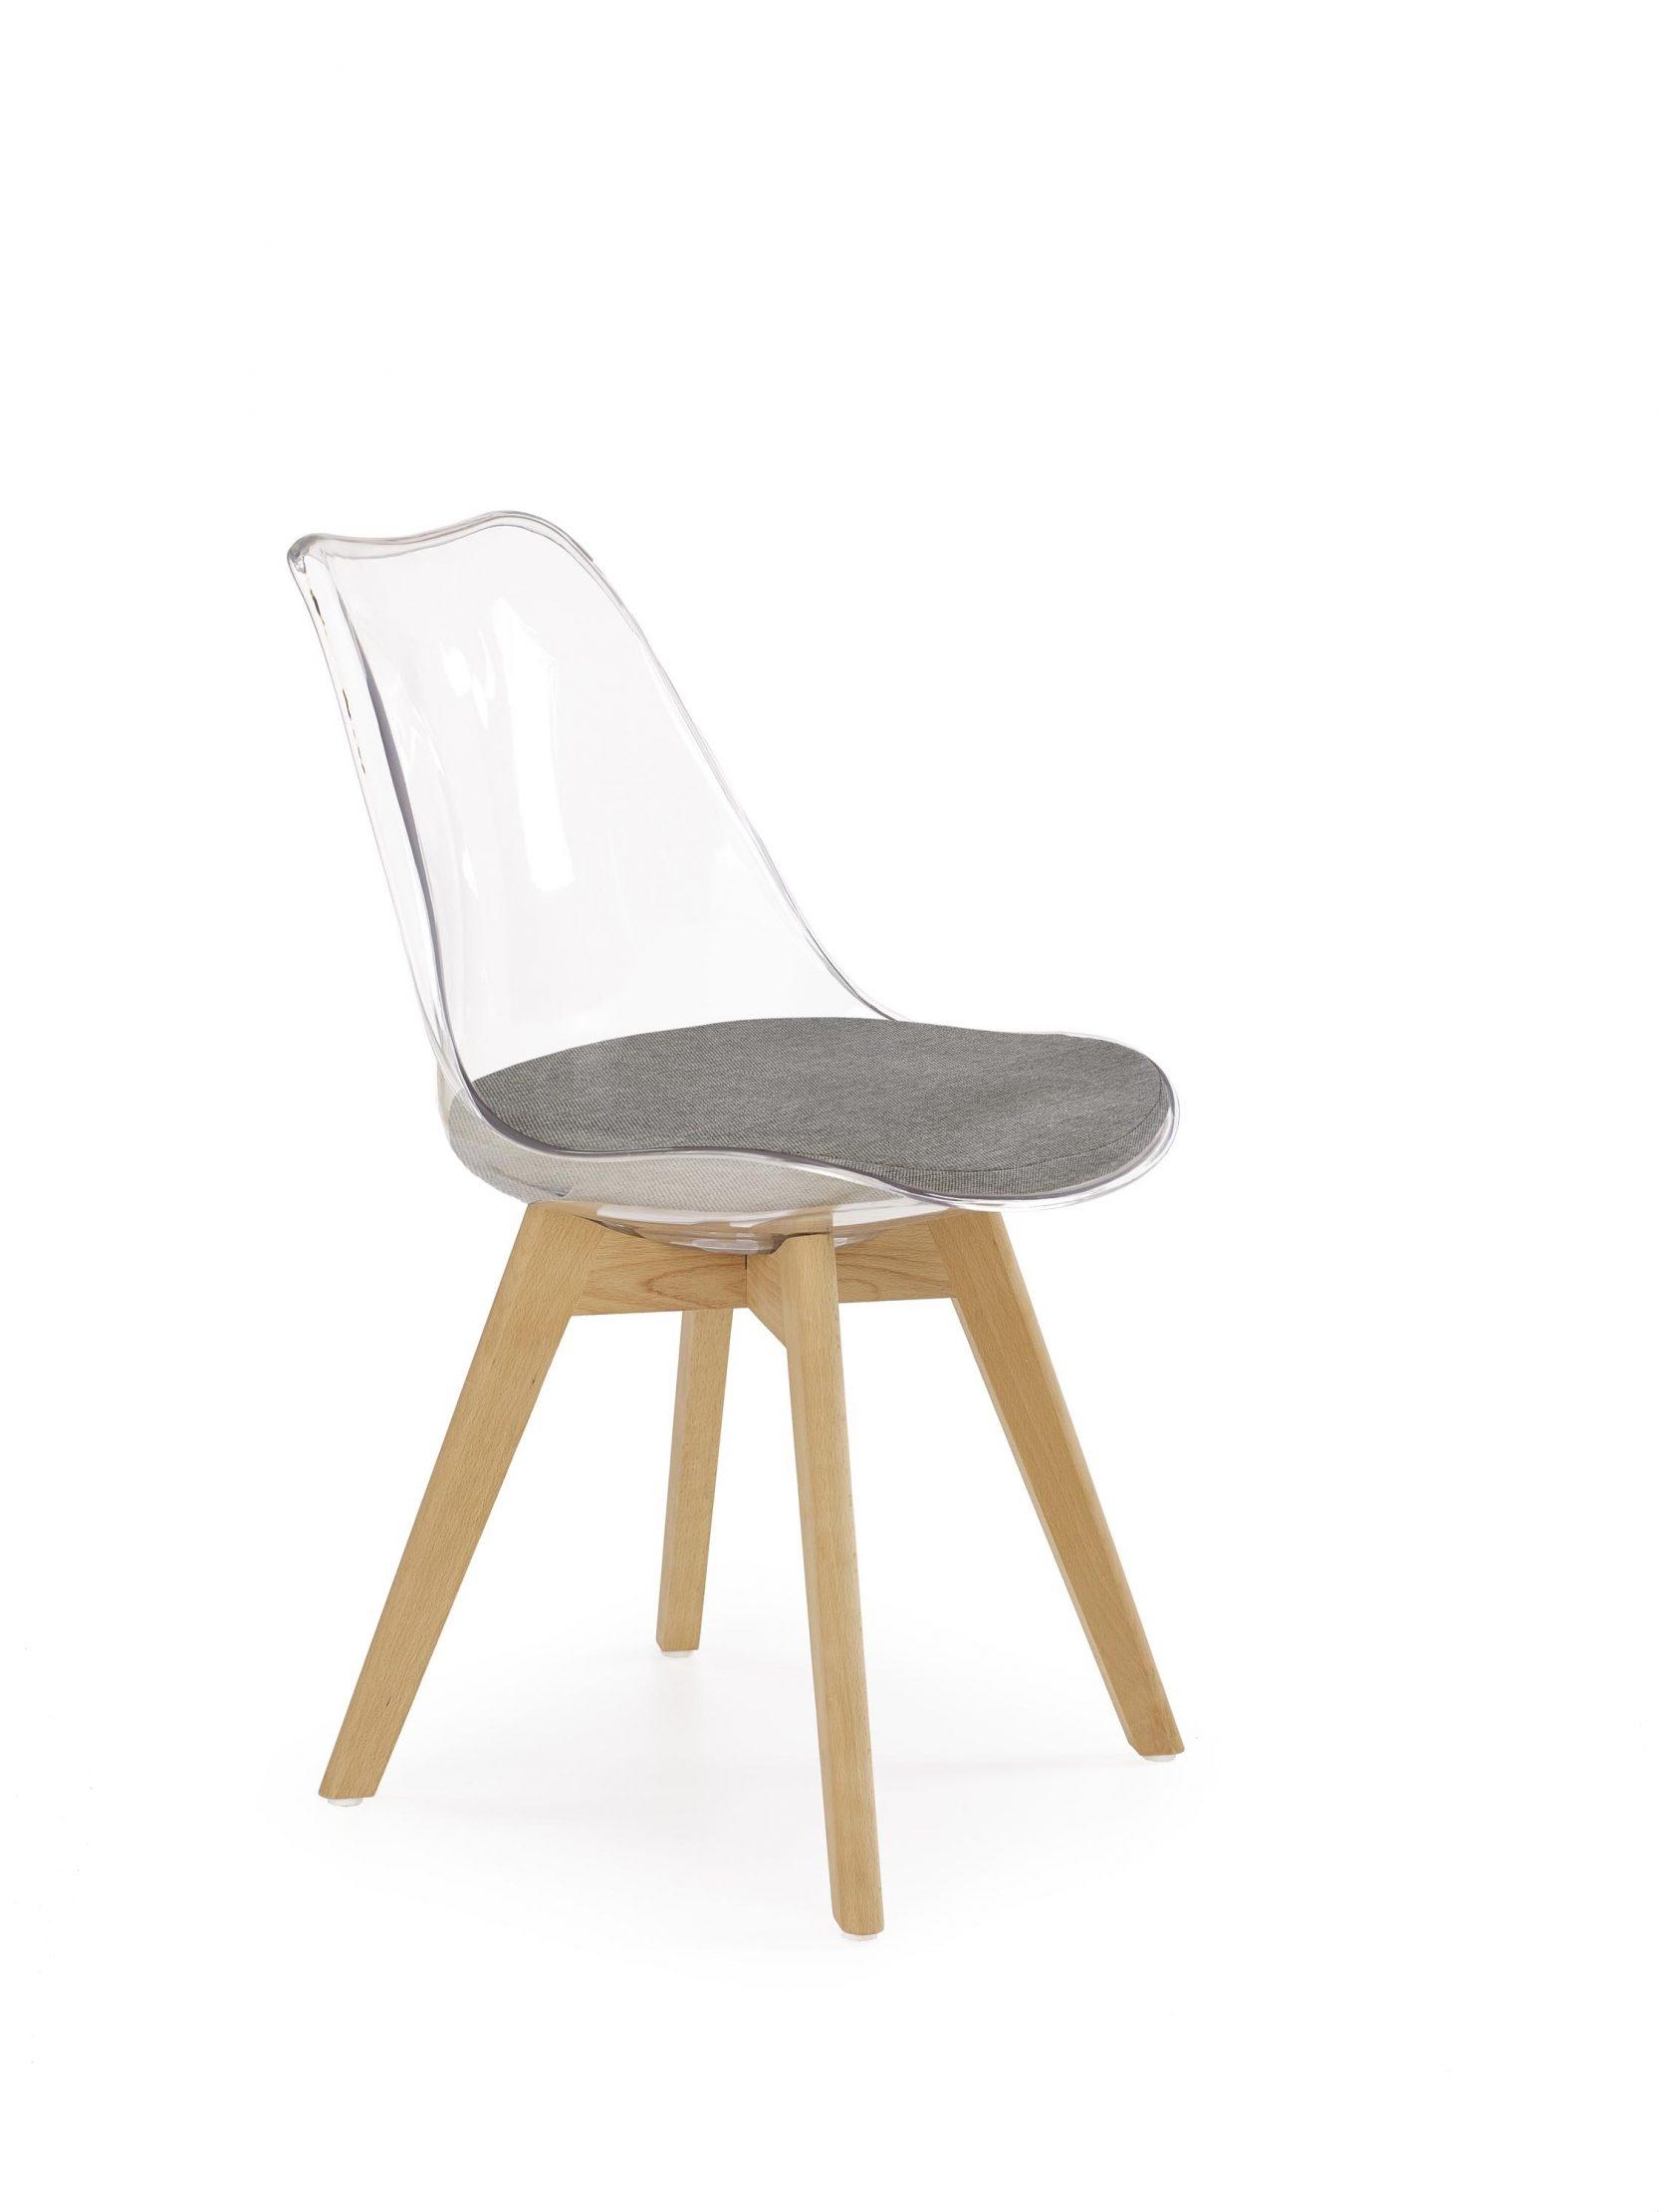 Scaun din plastic, cu sezut tapitat cu stofa si picioare din lemn K342 Transparent / Gri / Fag, l48xA58xH83 cm